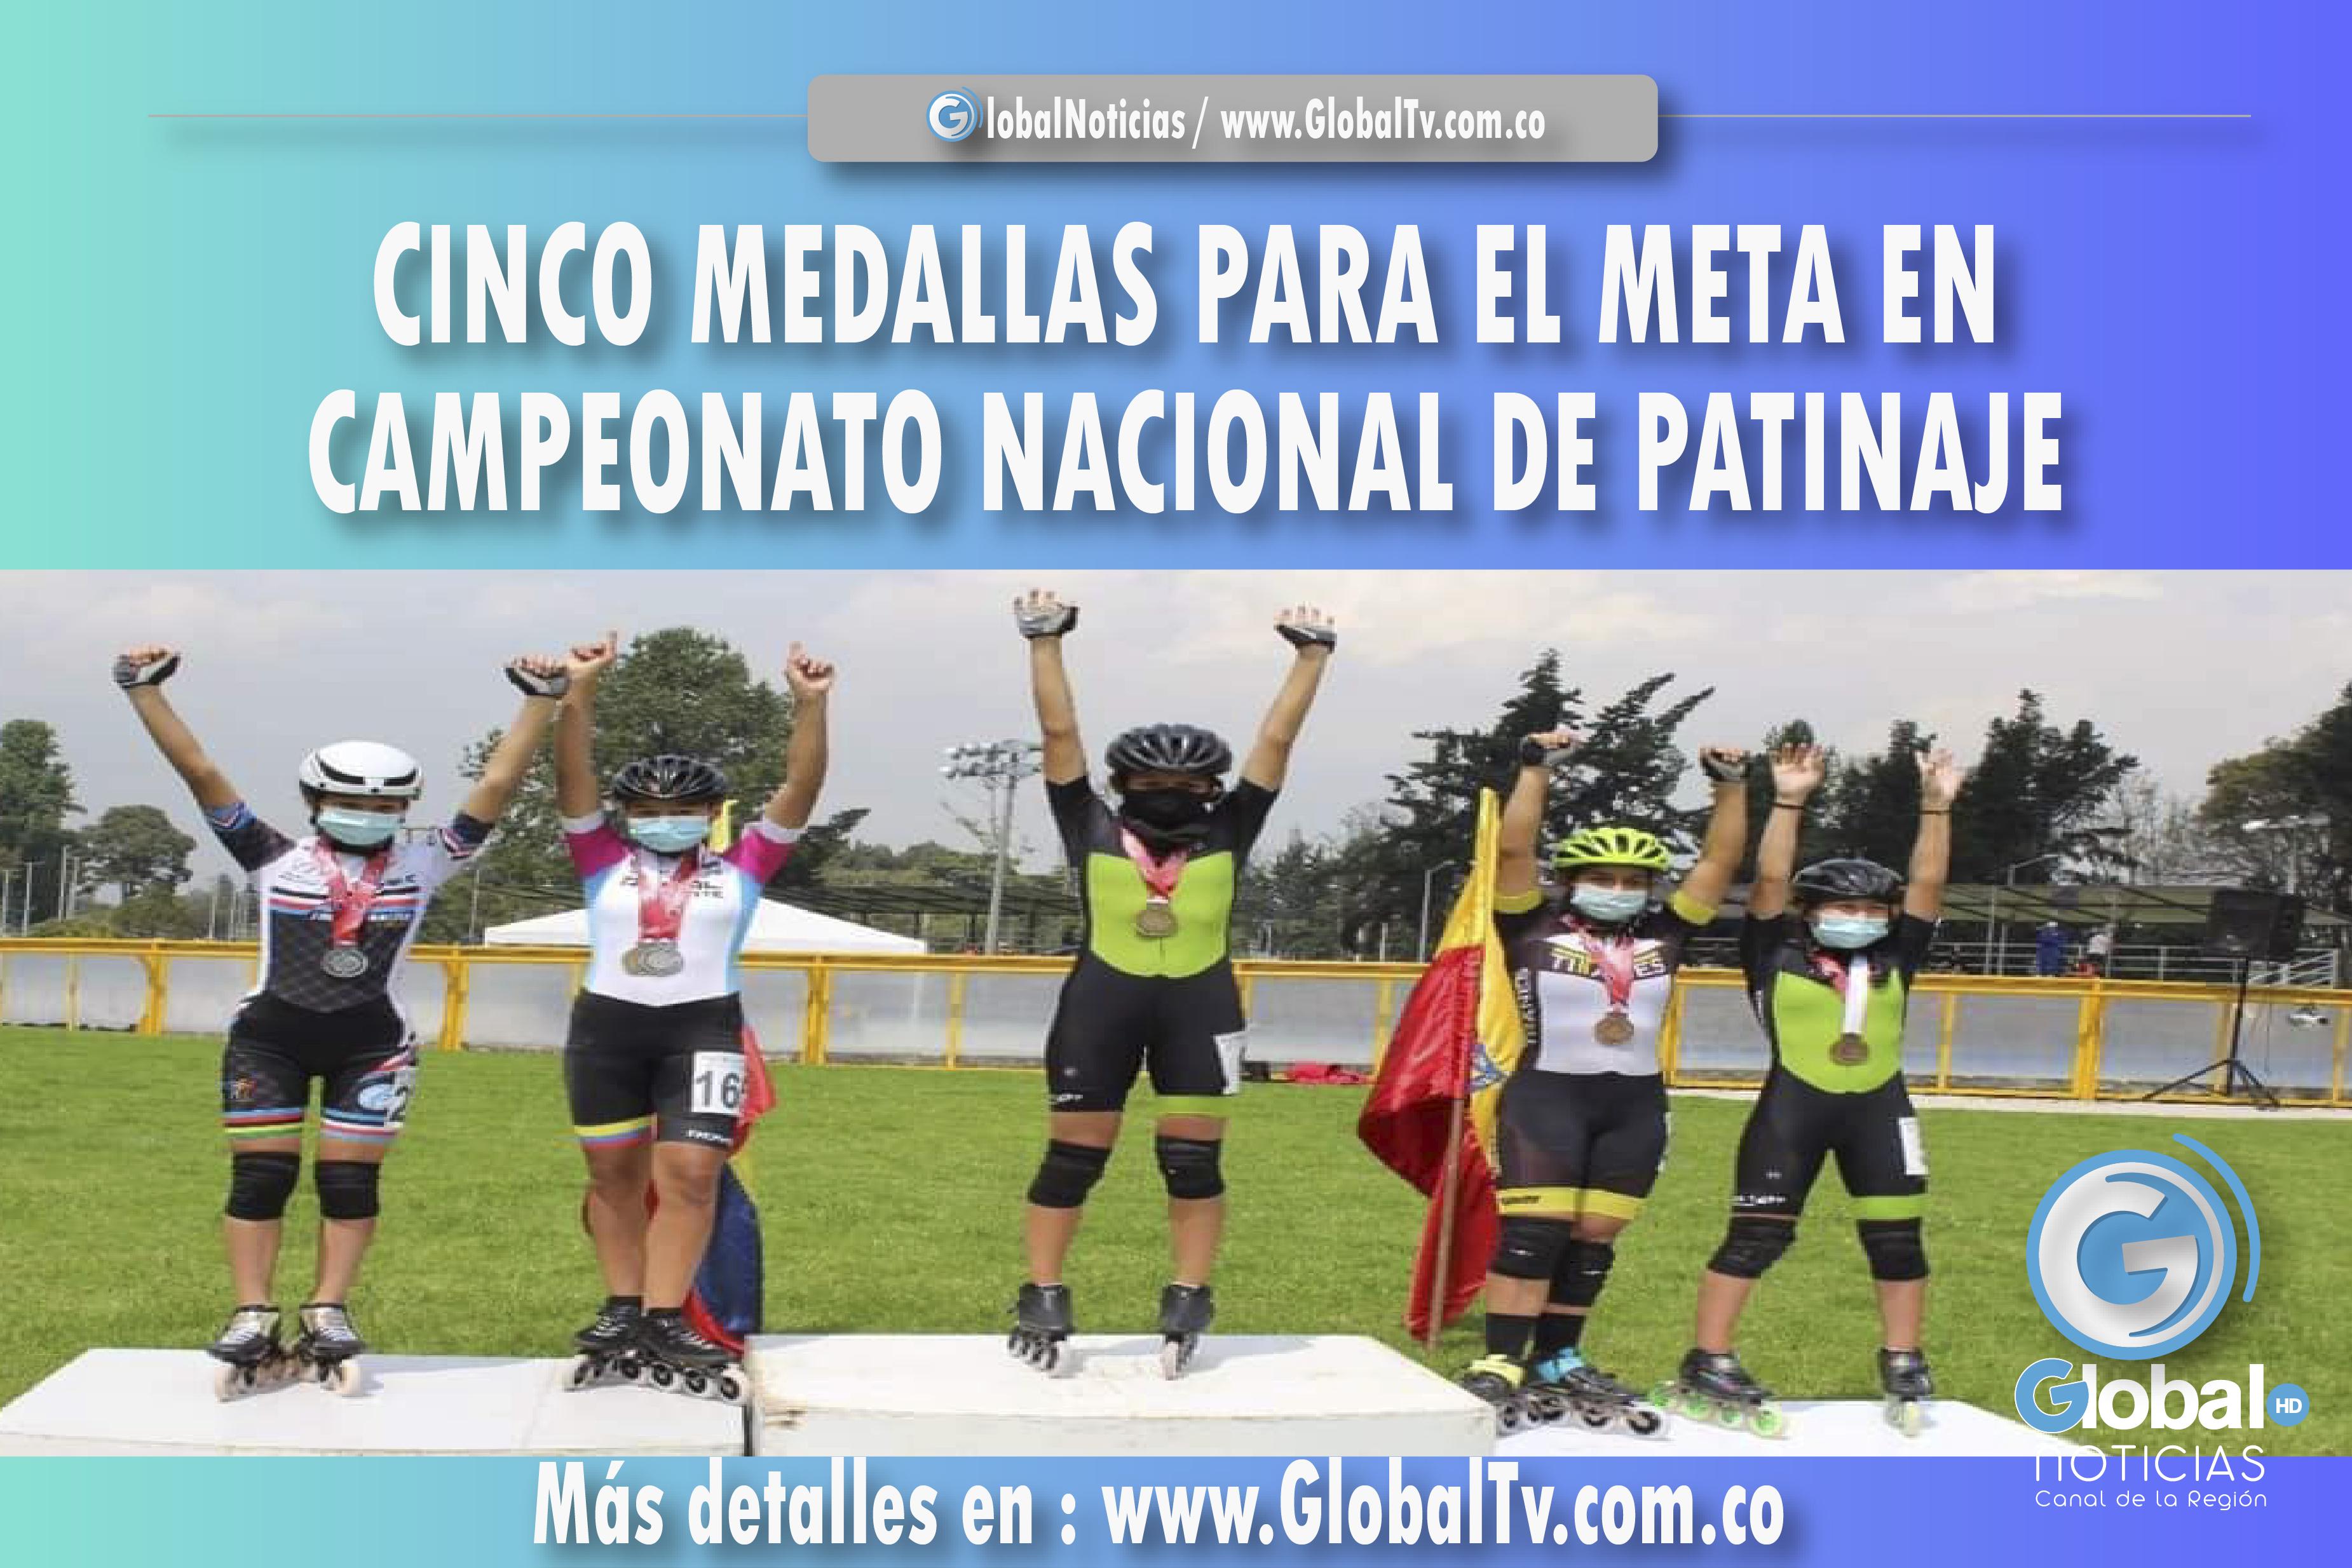 CINCO MEDALLAS PARA EL META EN CAMPEONATO NACIONAL DE PATINAJE